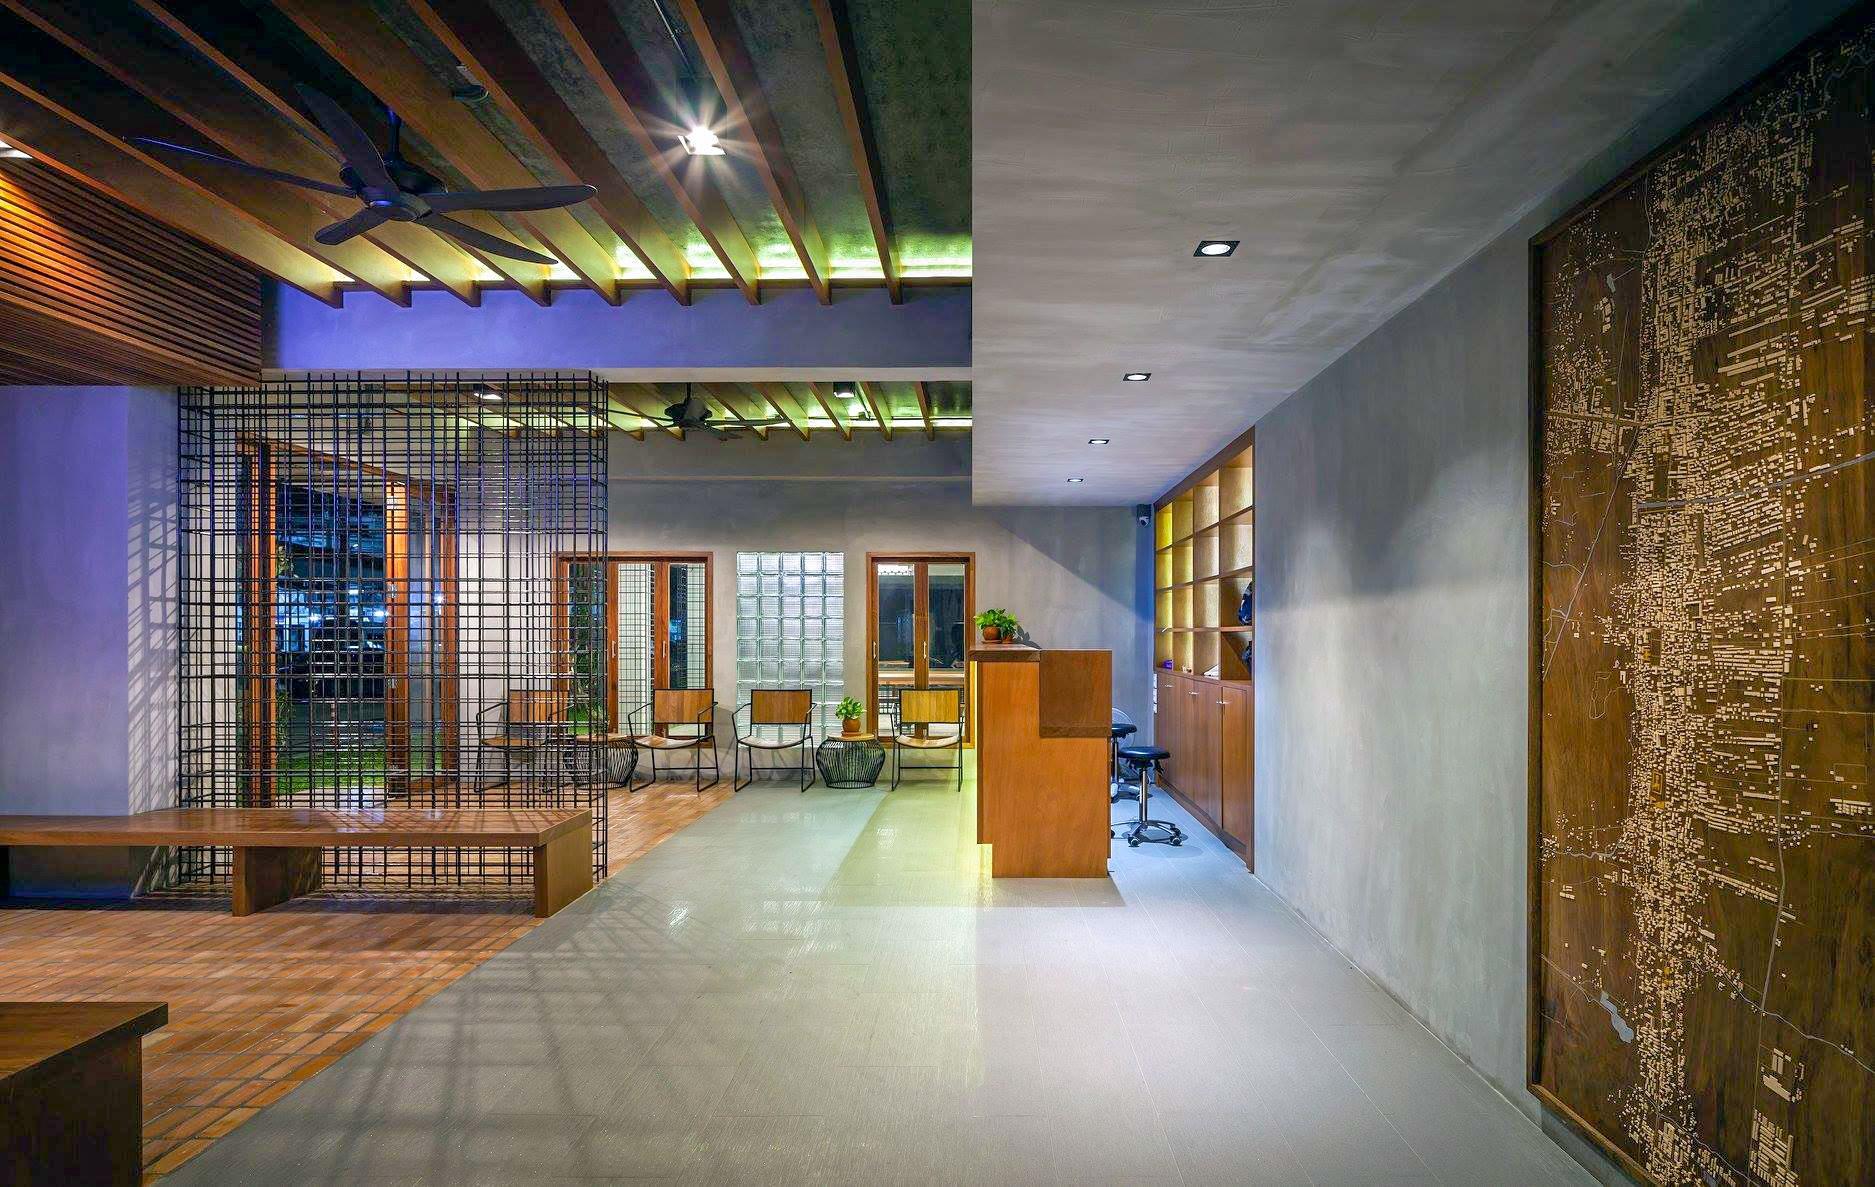 เดินเข้ามาเจอ-Lobby-จะพบกับการนำเหล็กเส้น-และของตกแต่งต่างๆ-แล้วครับ  สถาปัตยกรรมร่วมสมัย,อำเภอเมือง,นครศรีธรรมราช,rooftop,การออกแบบ,ที่พัก,โรงแรม